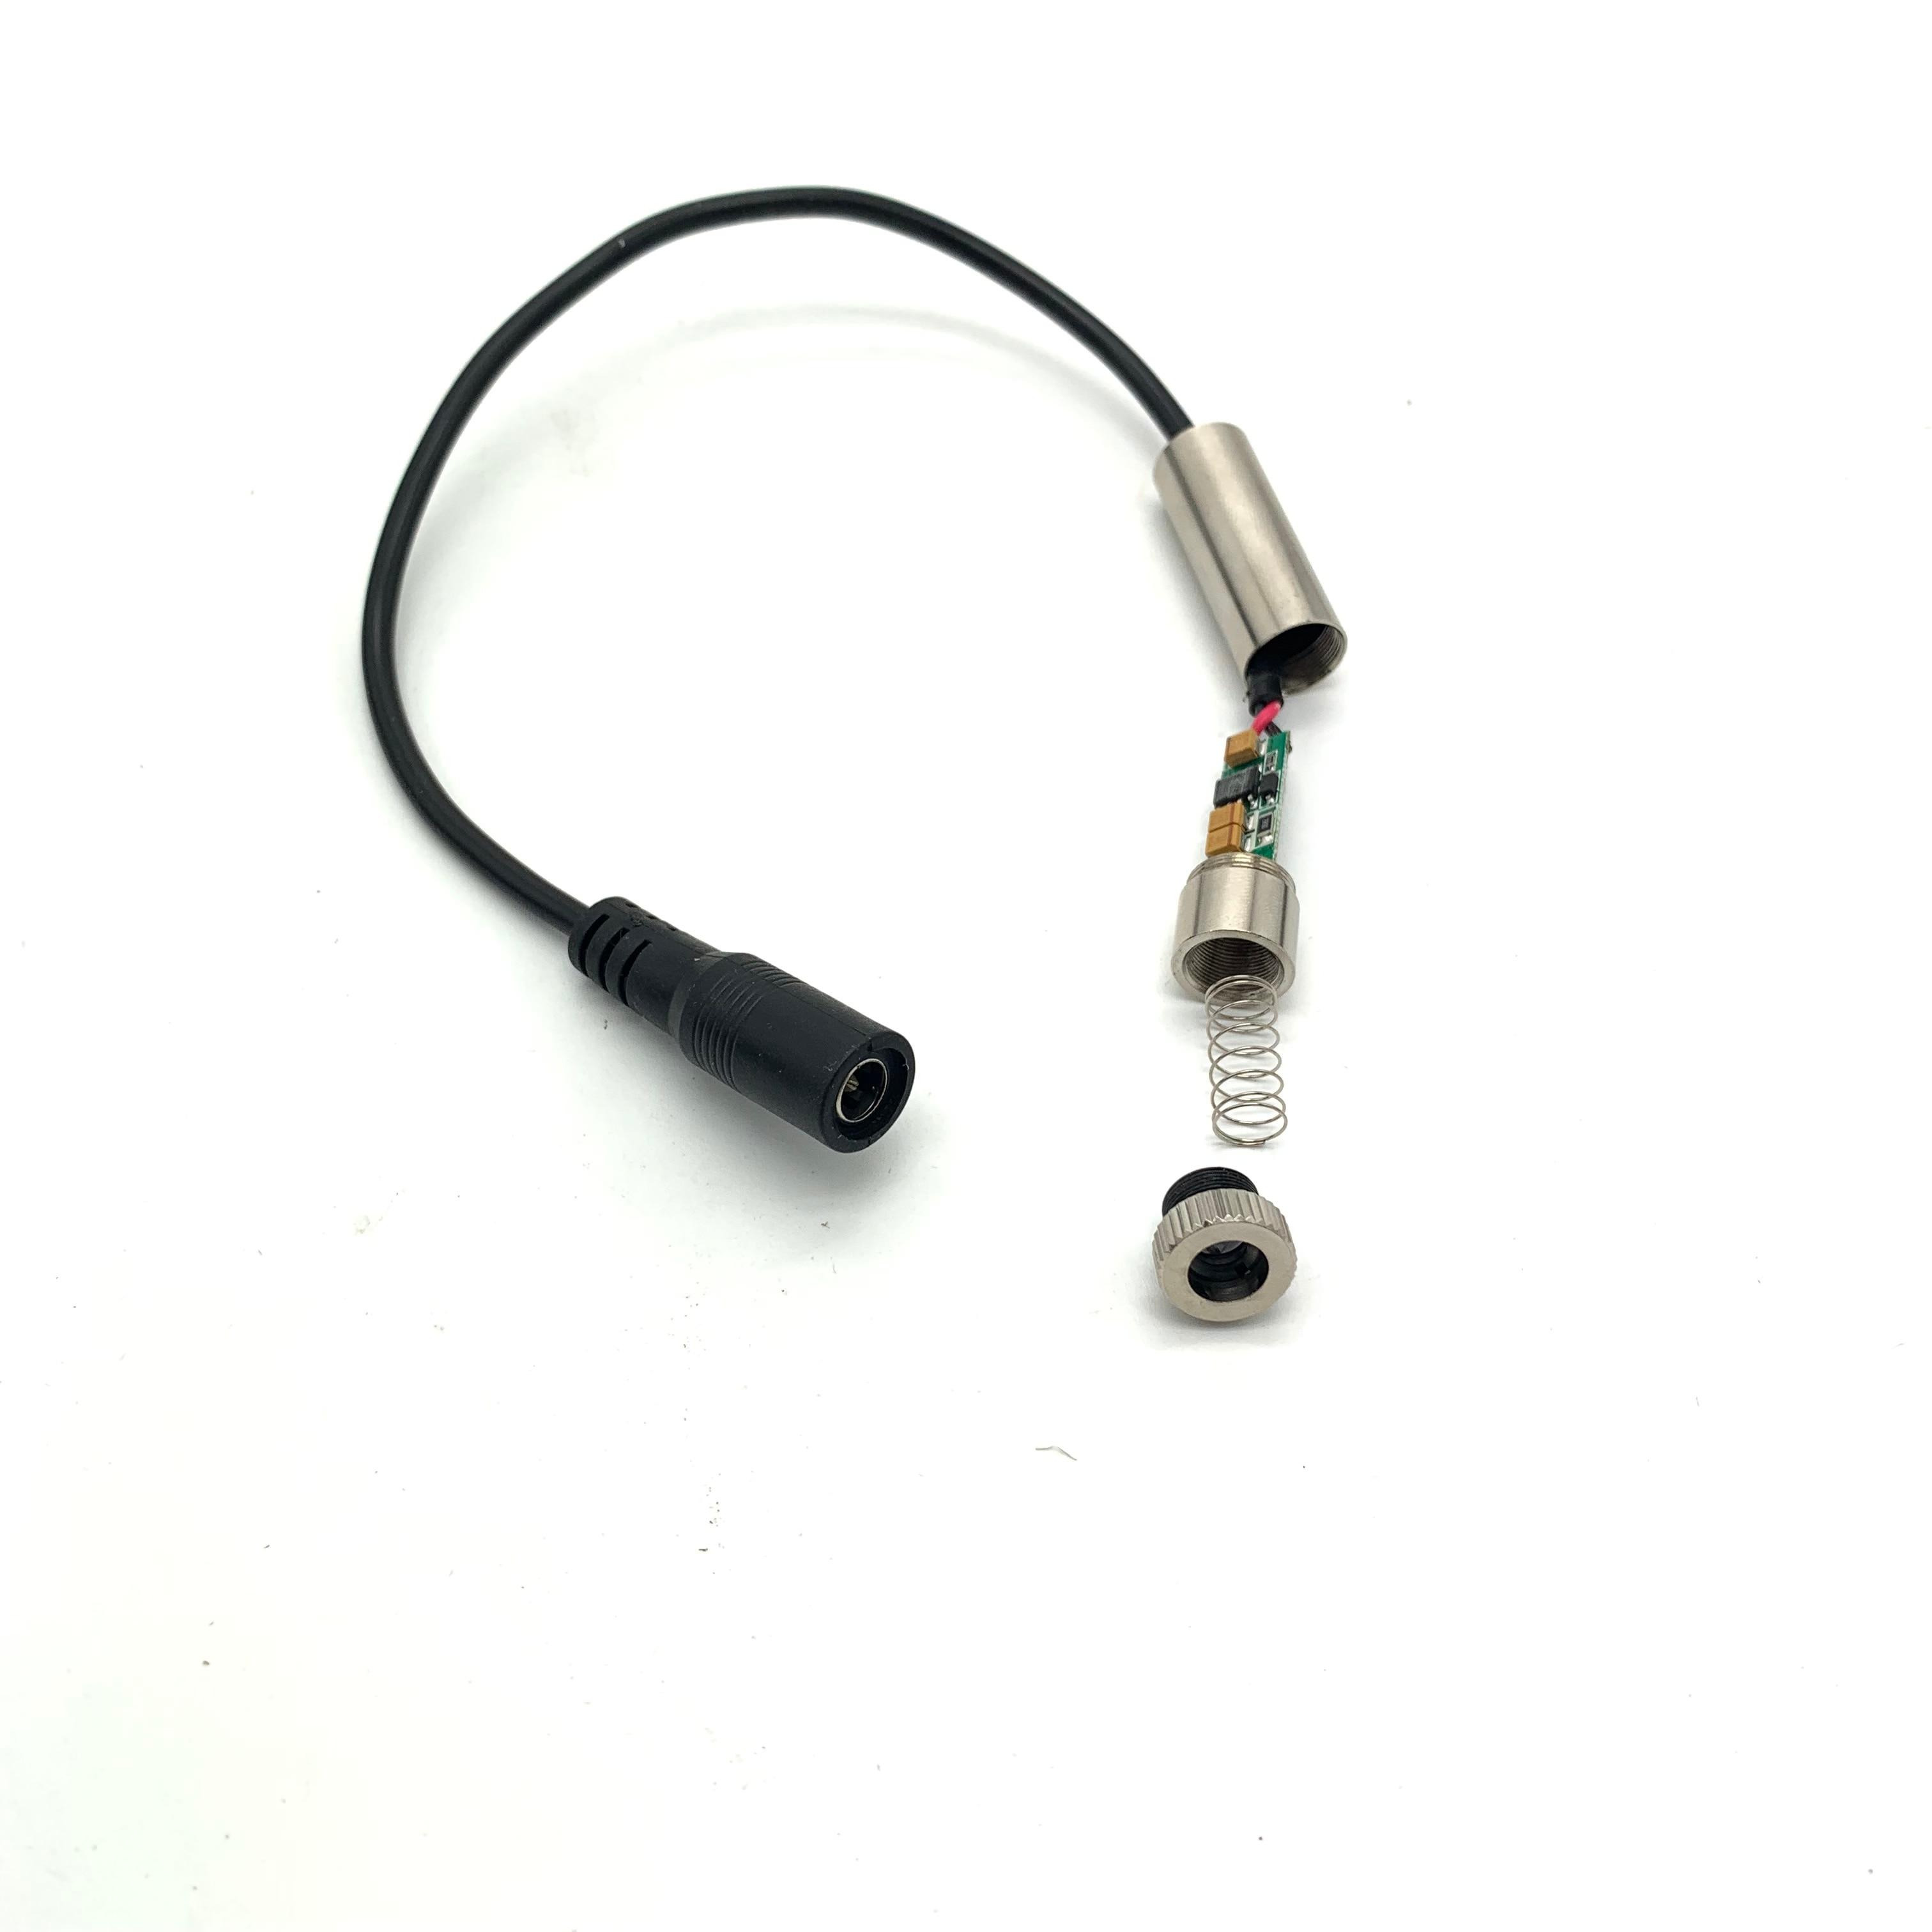 Image 3 - Реальная власть фиолетовый лазерный модуль 100 mW/250 MW 405nm Фокус Регулируемая лазерная головка 5V промышленные Класс DIY лазерный модуль-in Запчасти для деревообрабатывающих станков from Инструменты